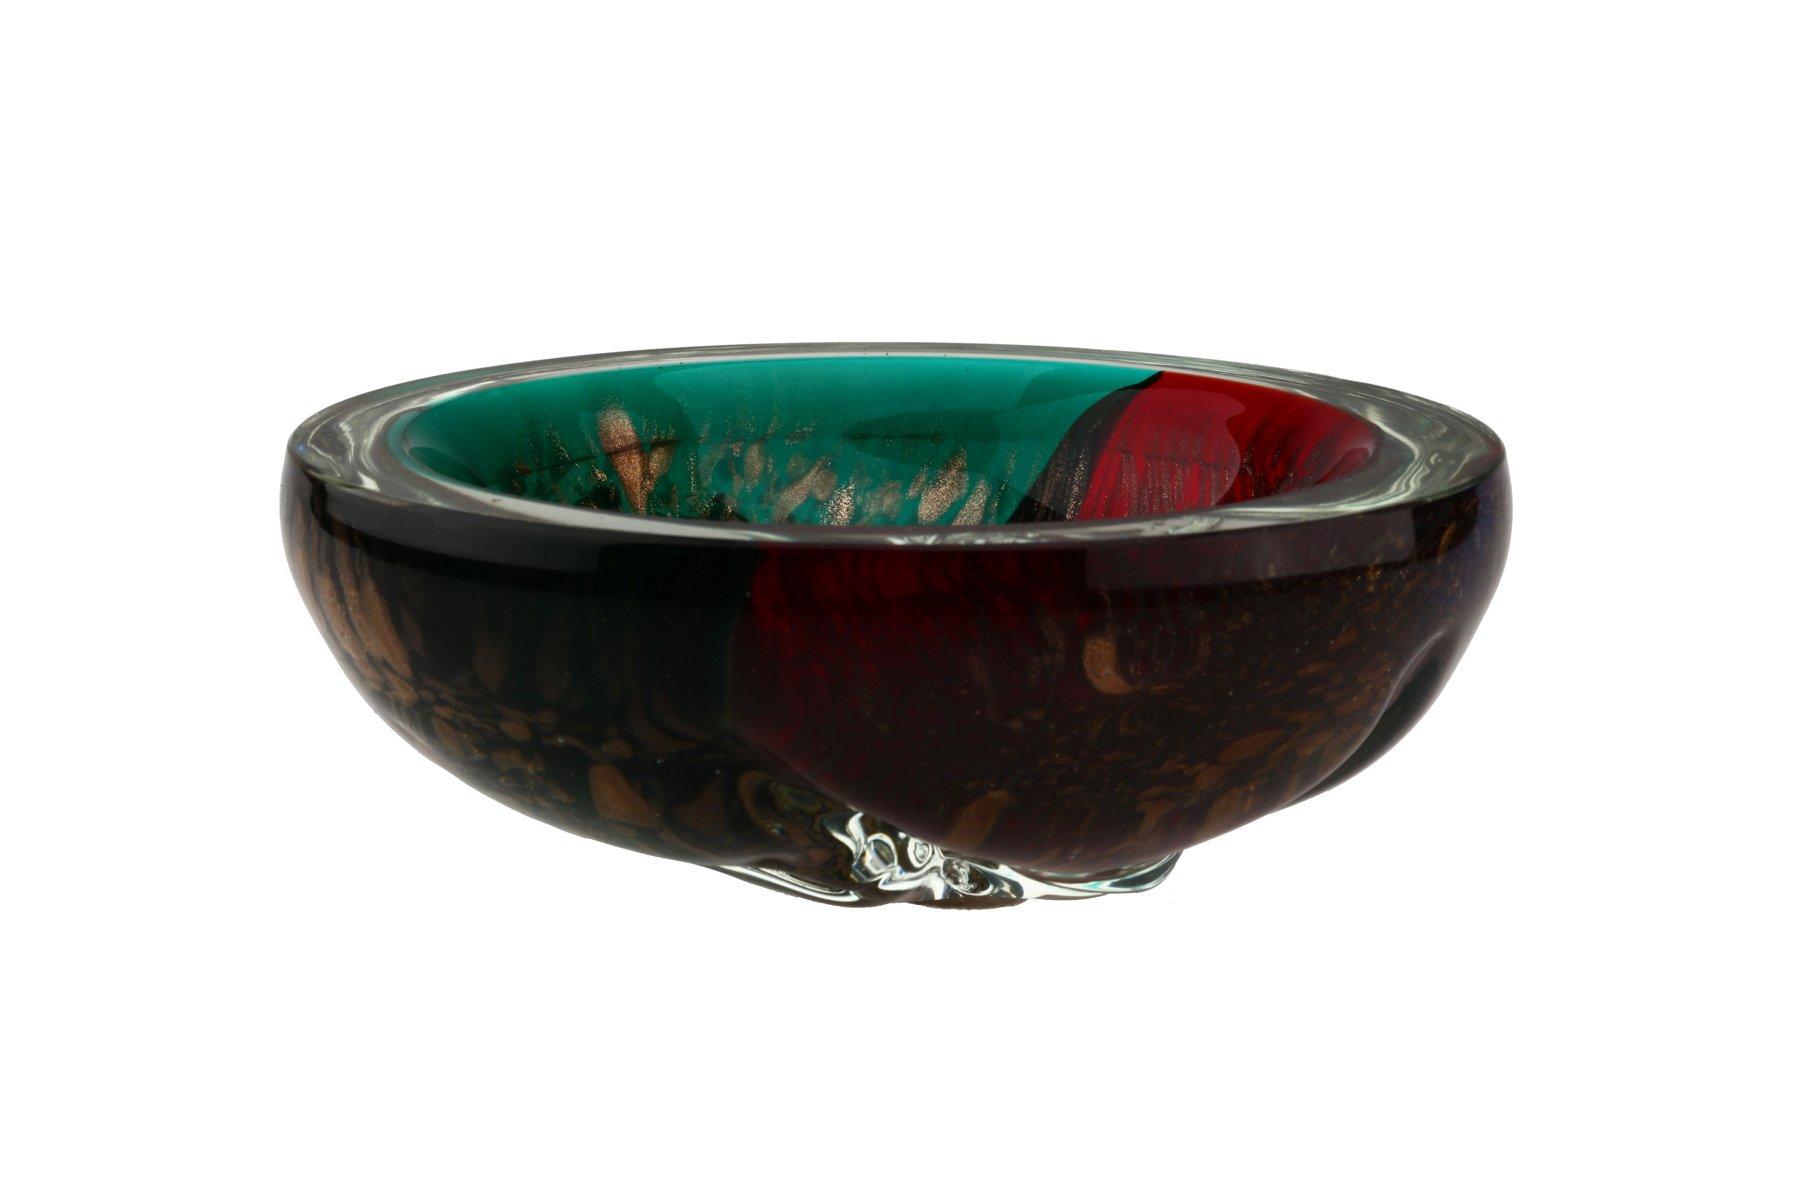 italienische mid century murano glas schale in rot und gr n mit gold sprenkeln bei pamono kaufen. Black Bedroom Furniture Sets. Home Design Ideas